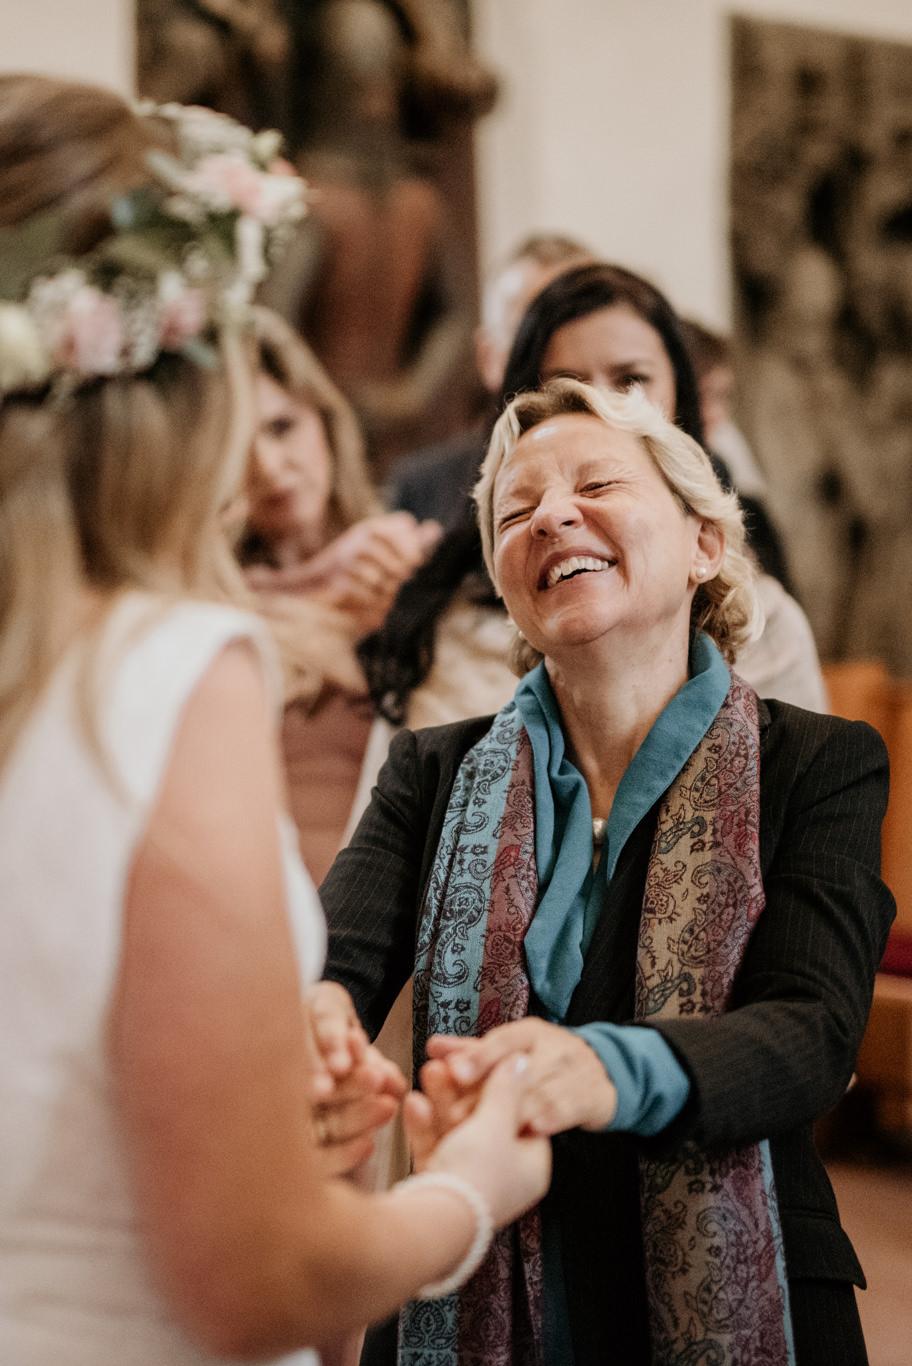 Hochzeitsfotograf Mittelburg Neckarsteinach Hochzeitsfotos Fotograf Hochzeit Bilder Fotos Hochzeitsfotografin Reportage evangelische Kirche